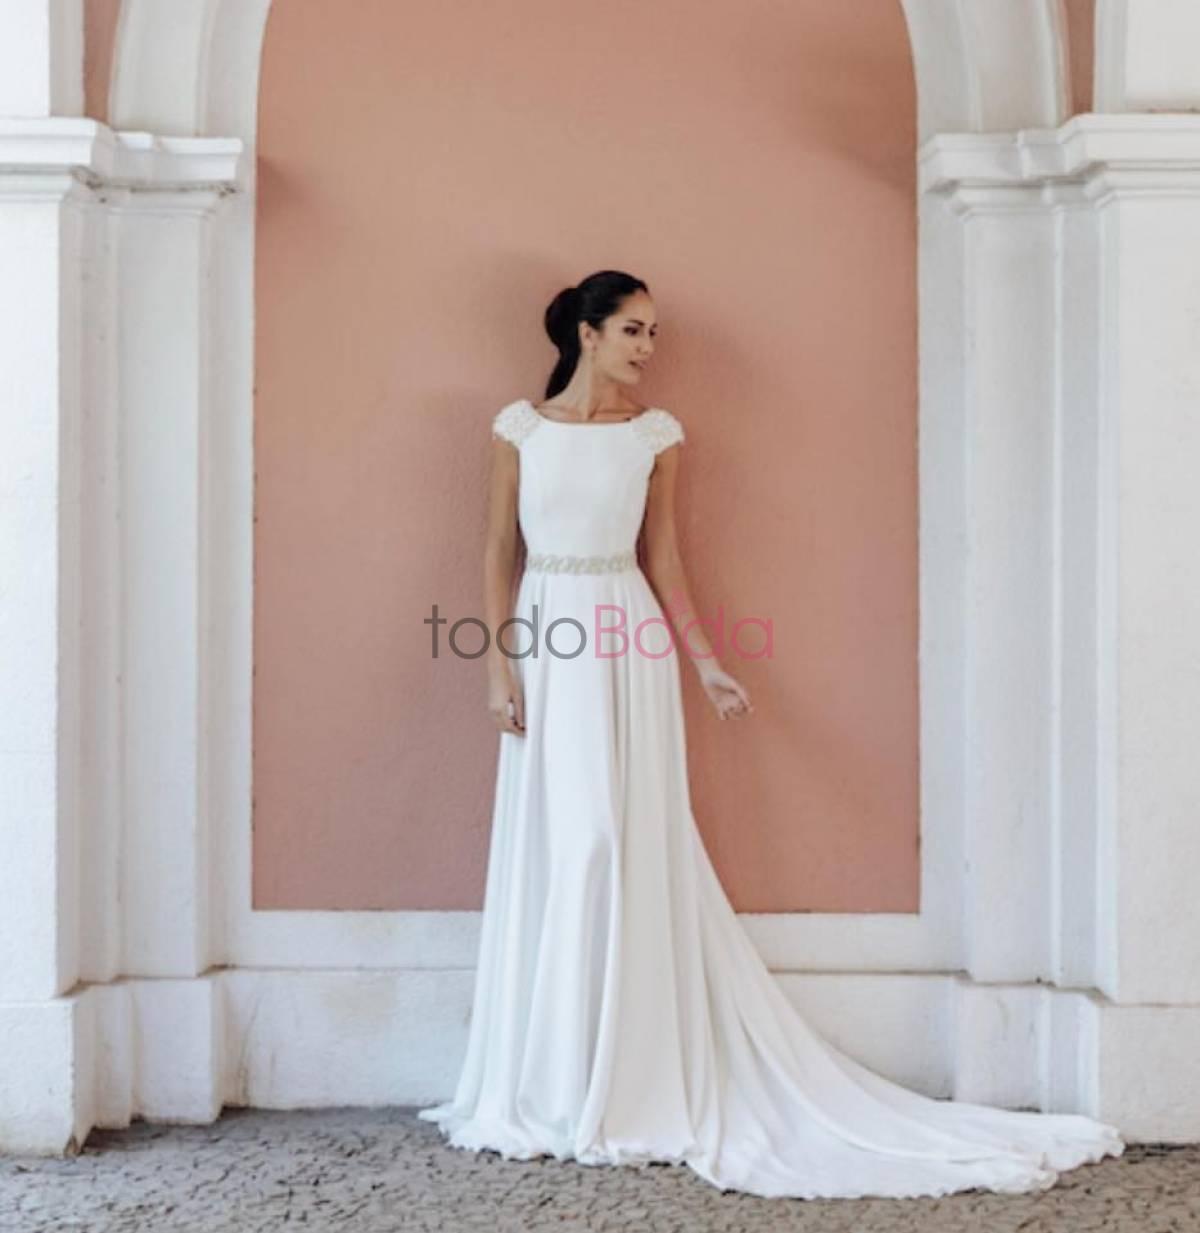 d620a4ef20 Me Pido Este Vestido. Vestidos de Novia Madrid. Colecciones 3